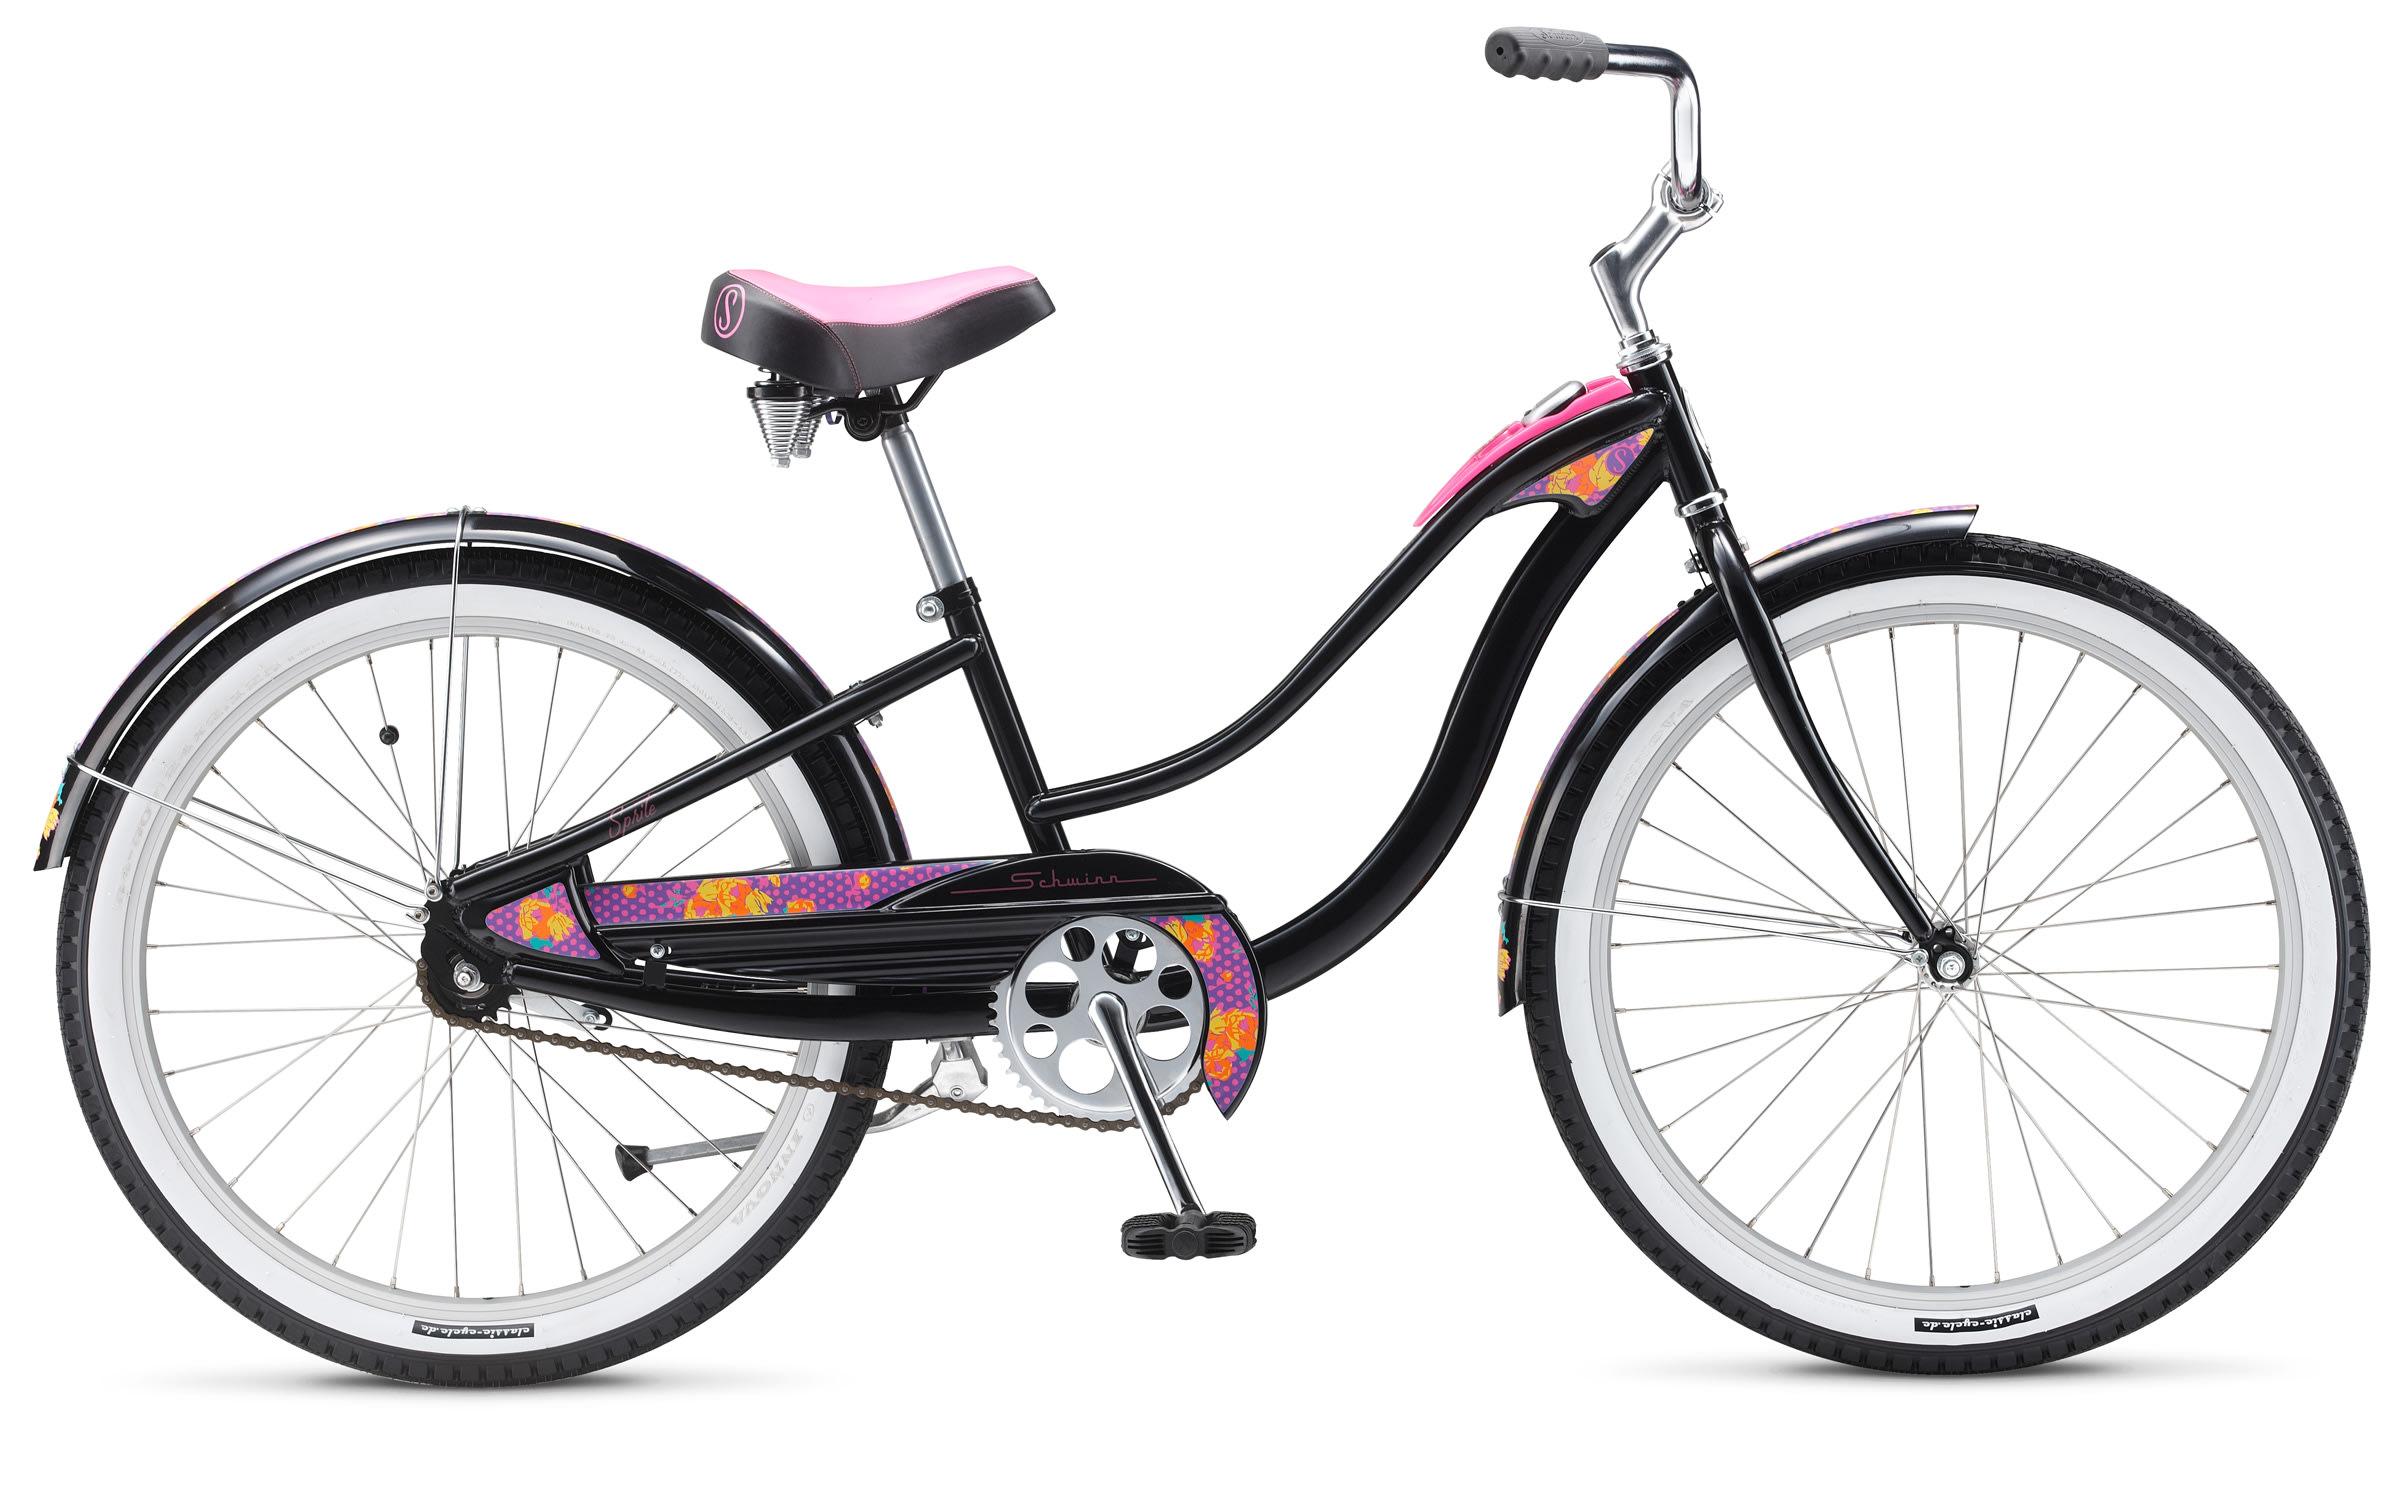 Details about schwinn sprite 24 bike black 24in youth